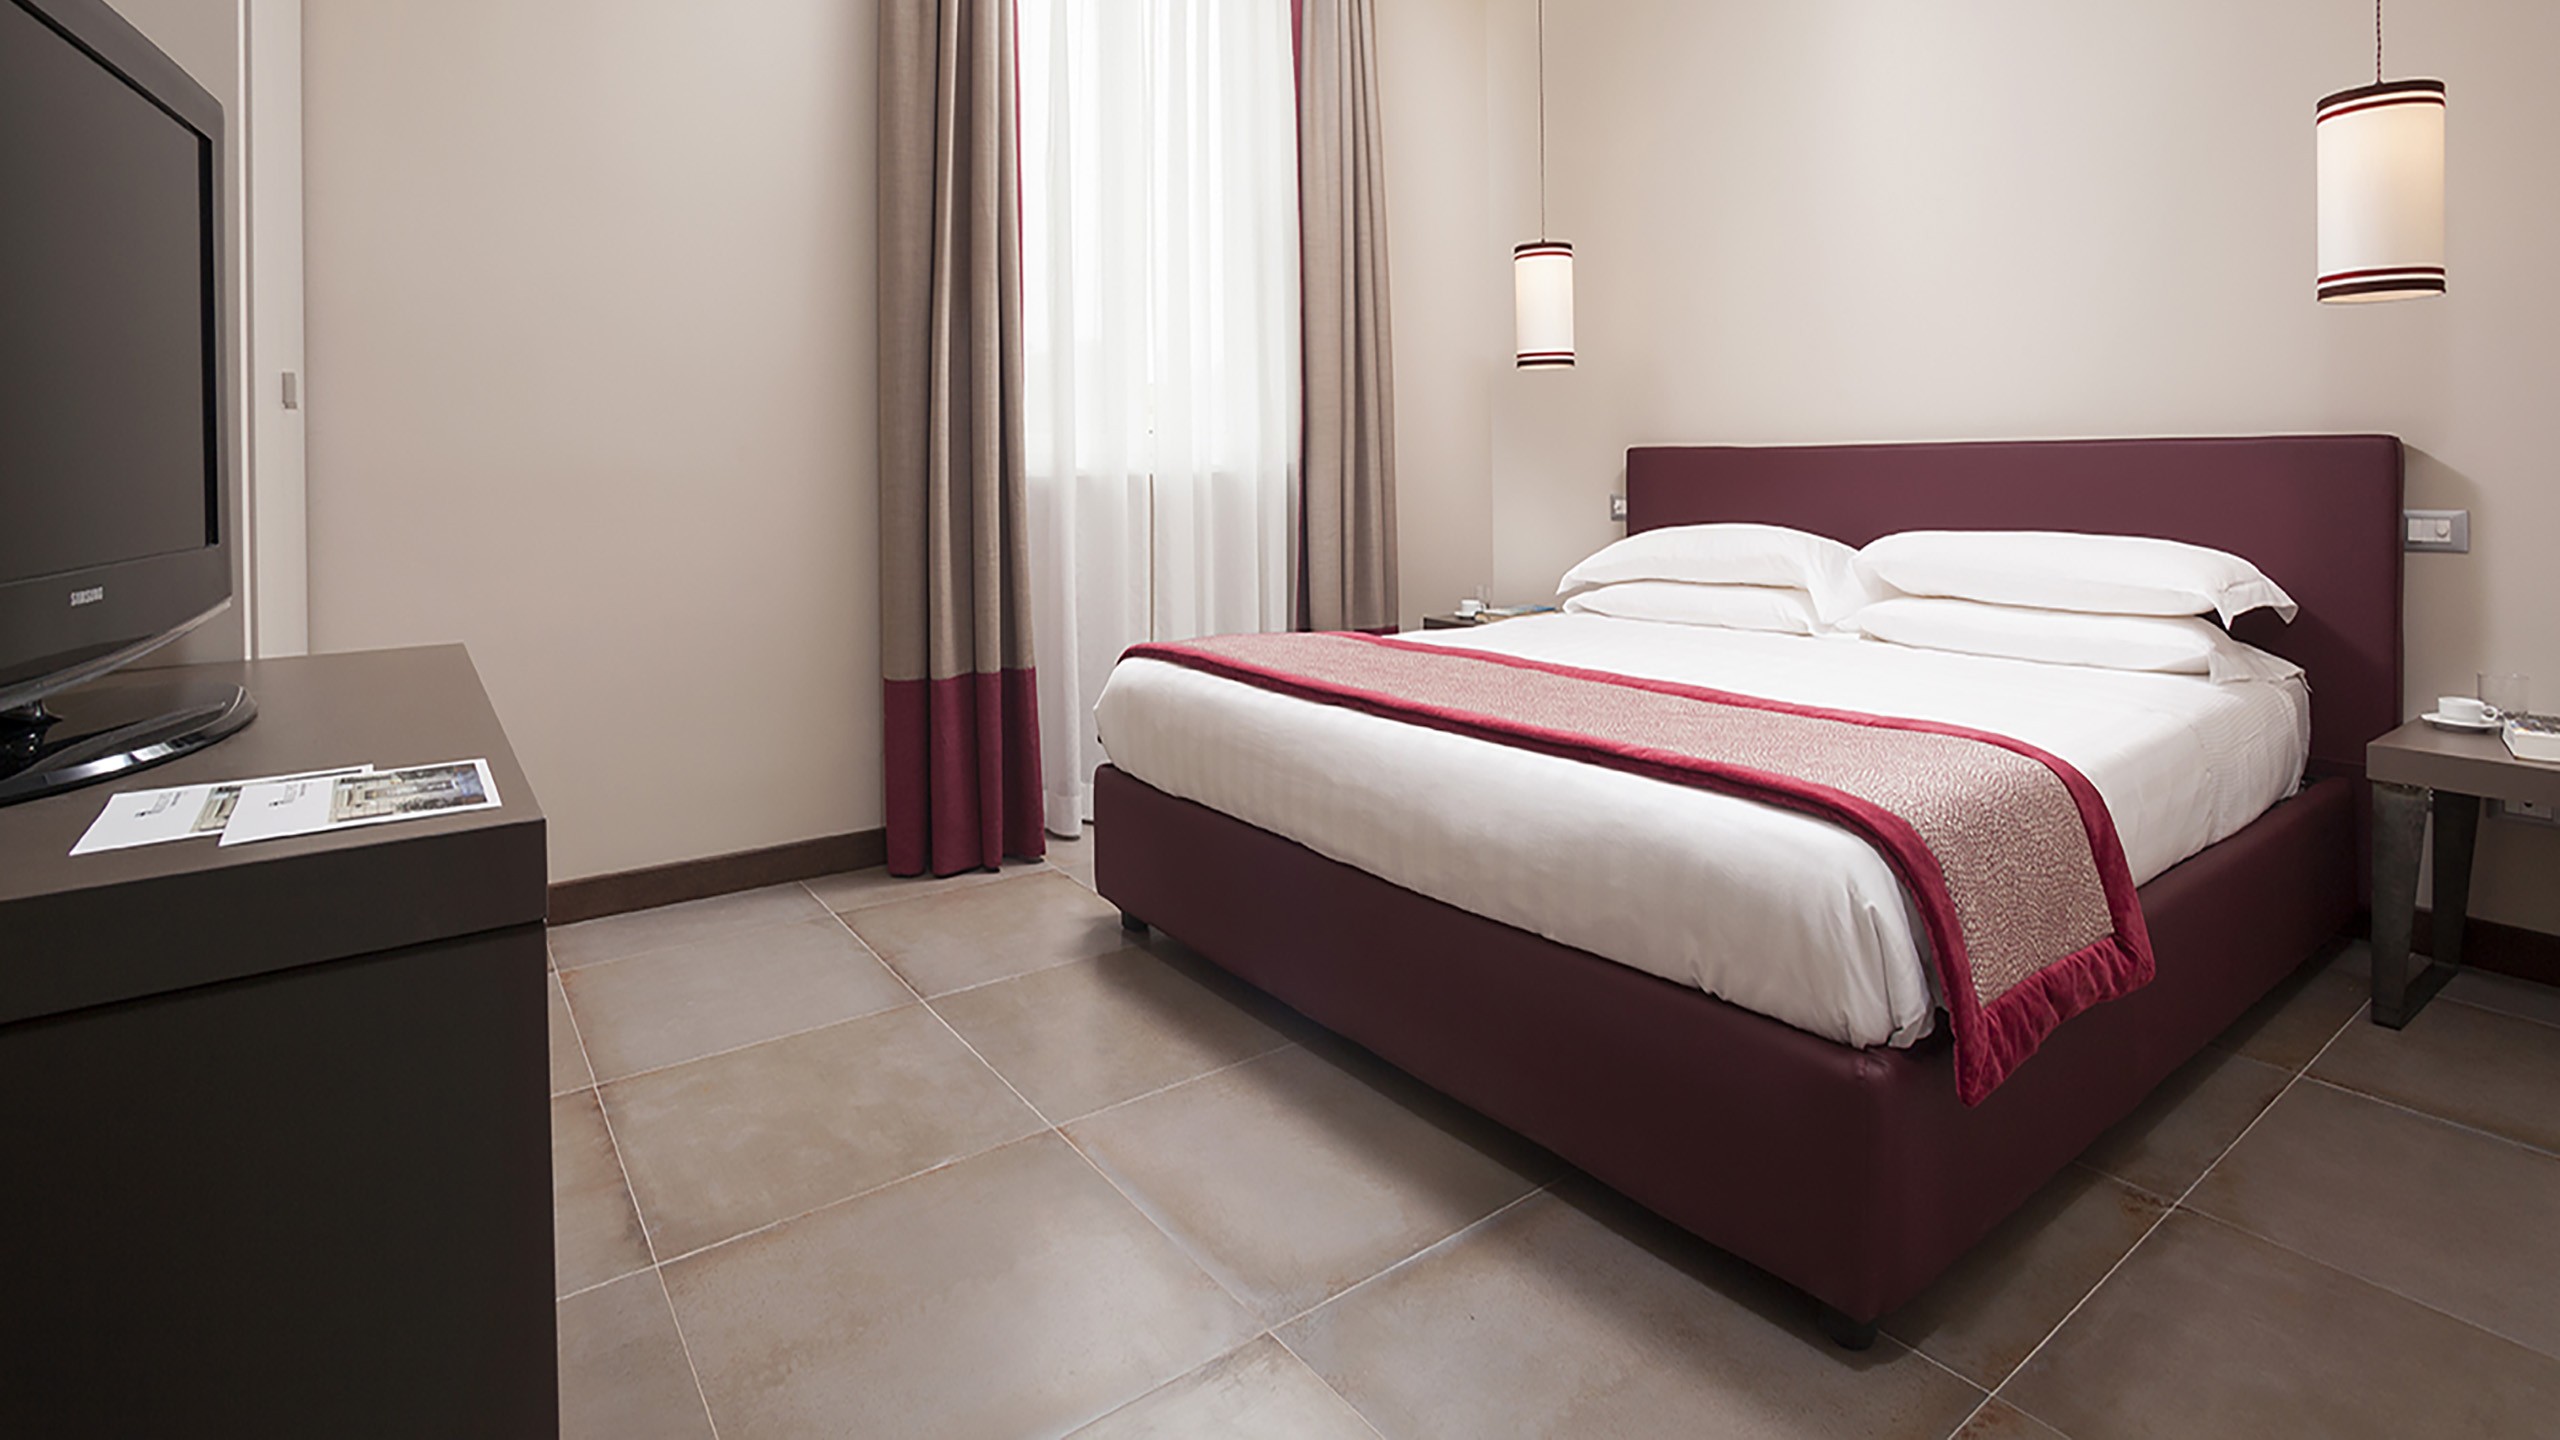 Residence-Trianon-Borgo-Pio-Roma-appartamento-superior-con-balcone-2020-stanza.jpg